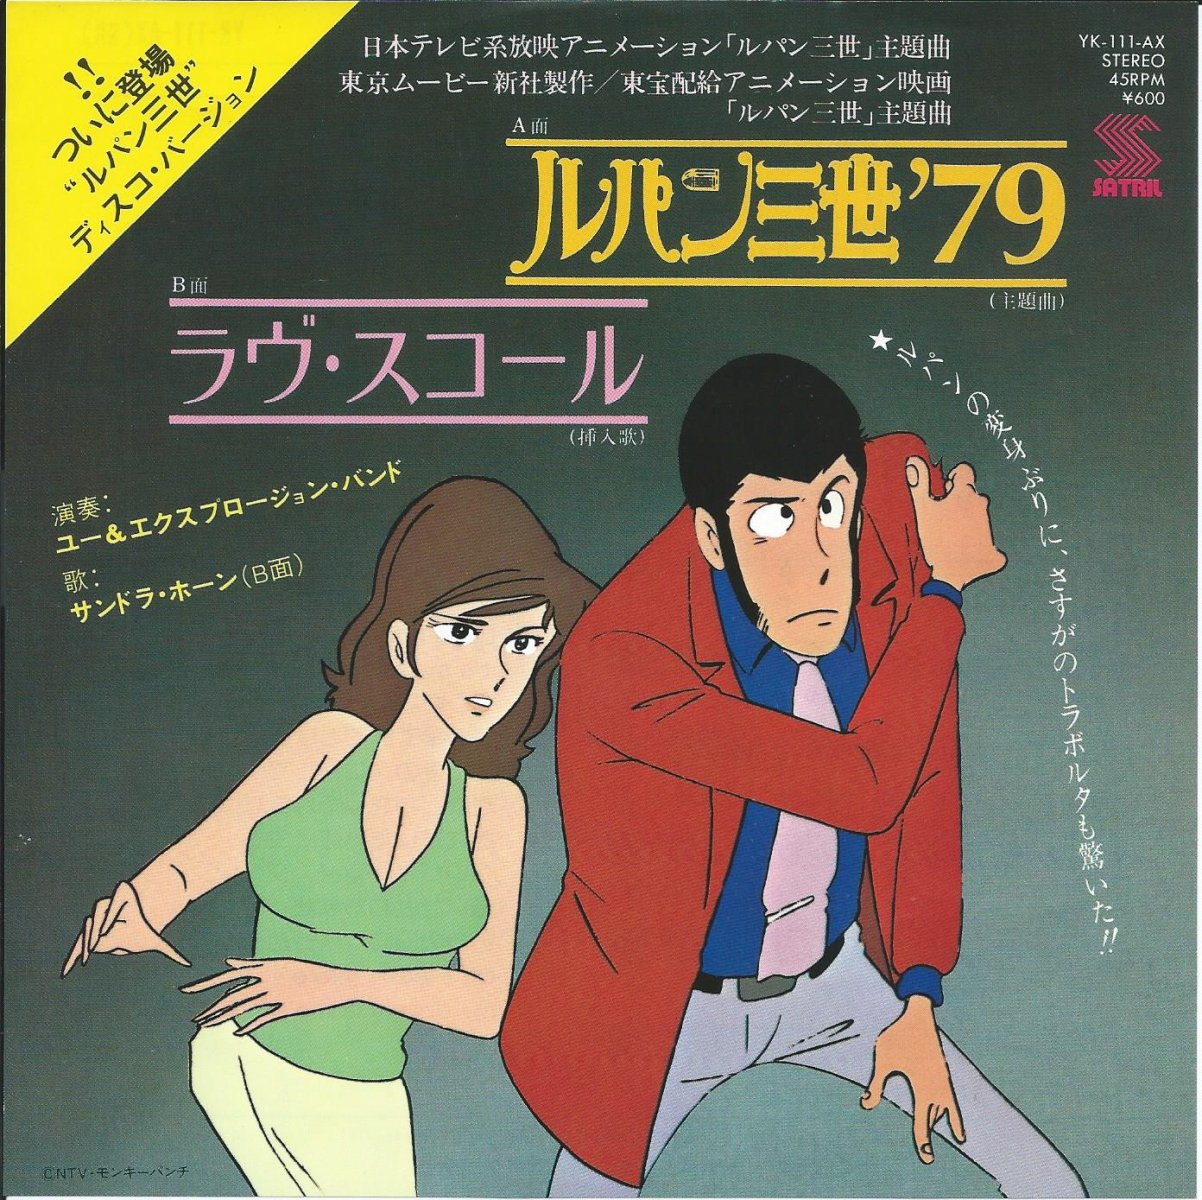 O.S.T.(大野雄二, ユー・アンド・エクスプロージョン・バンド) / ルパン三世'79 / ラヴ・スコール (7